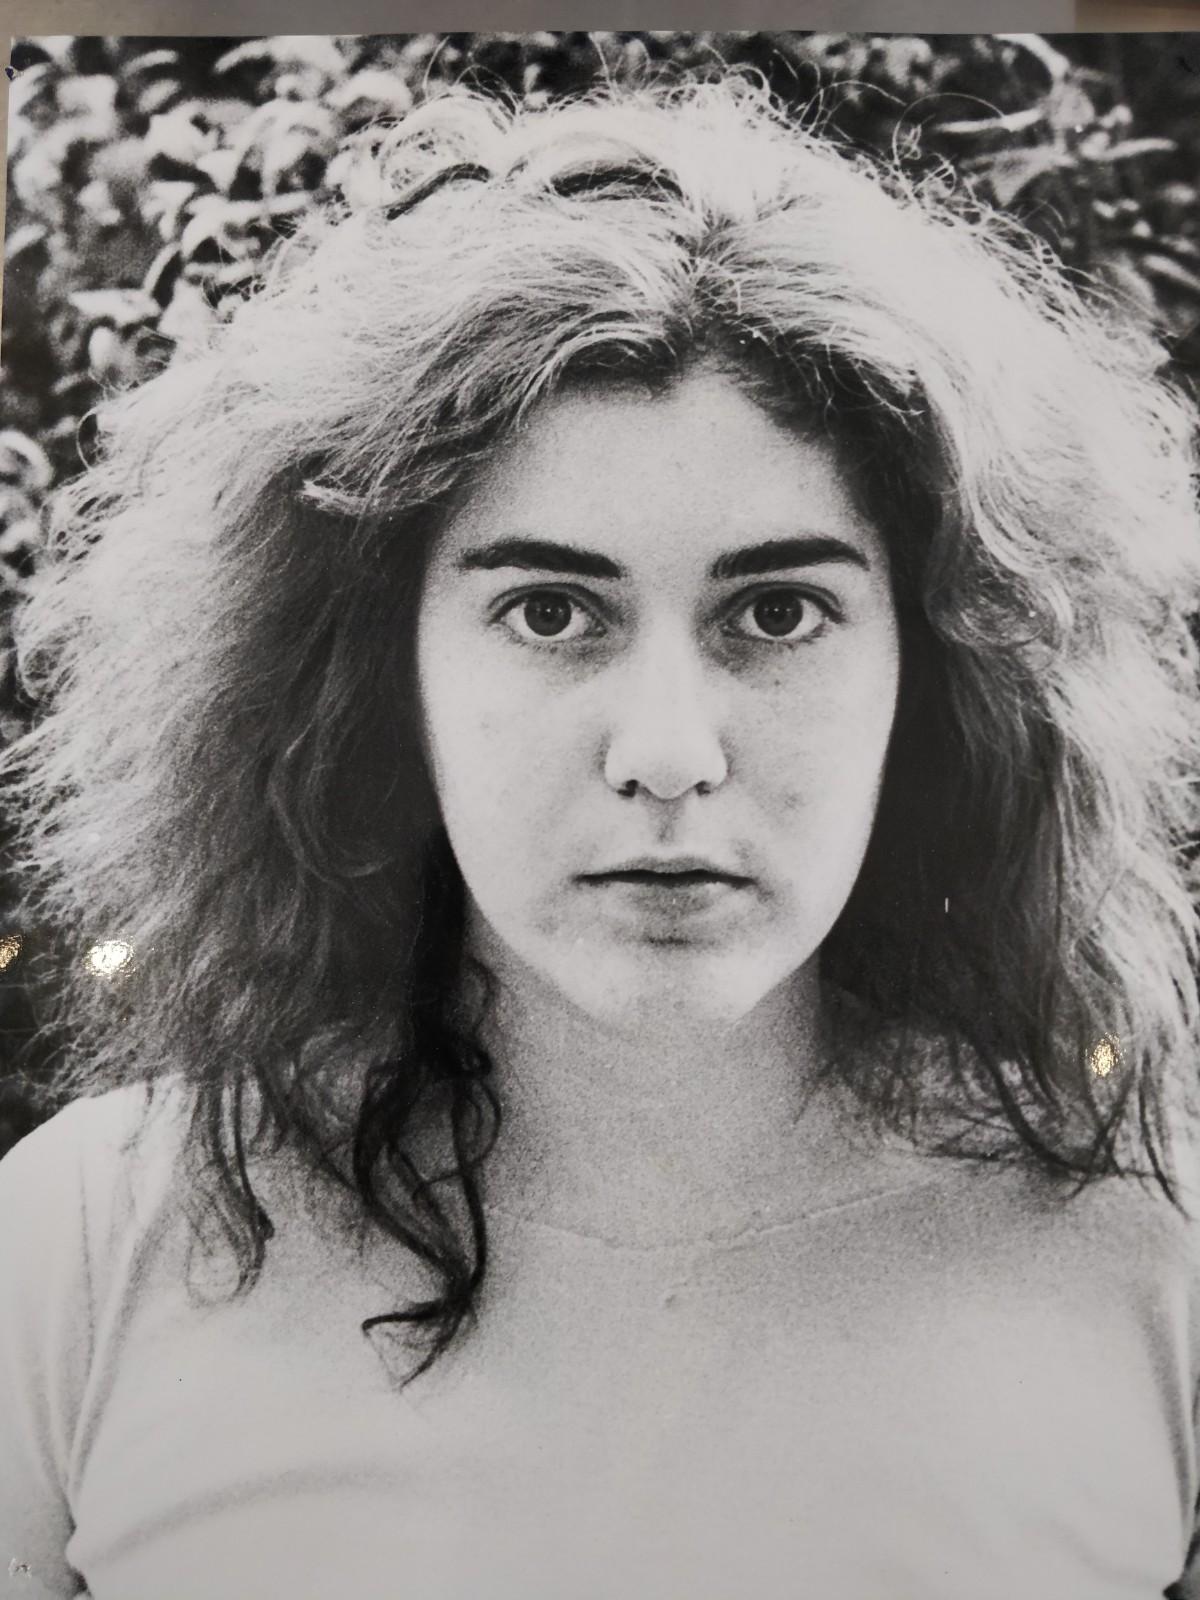 1984: ADELAIDE